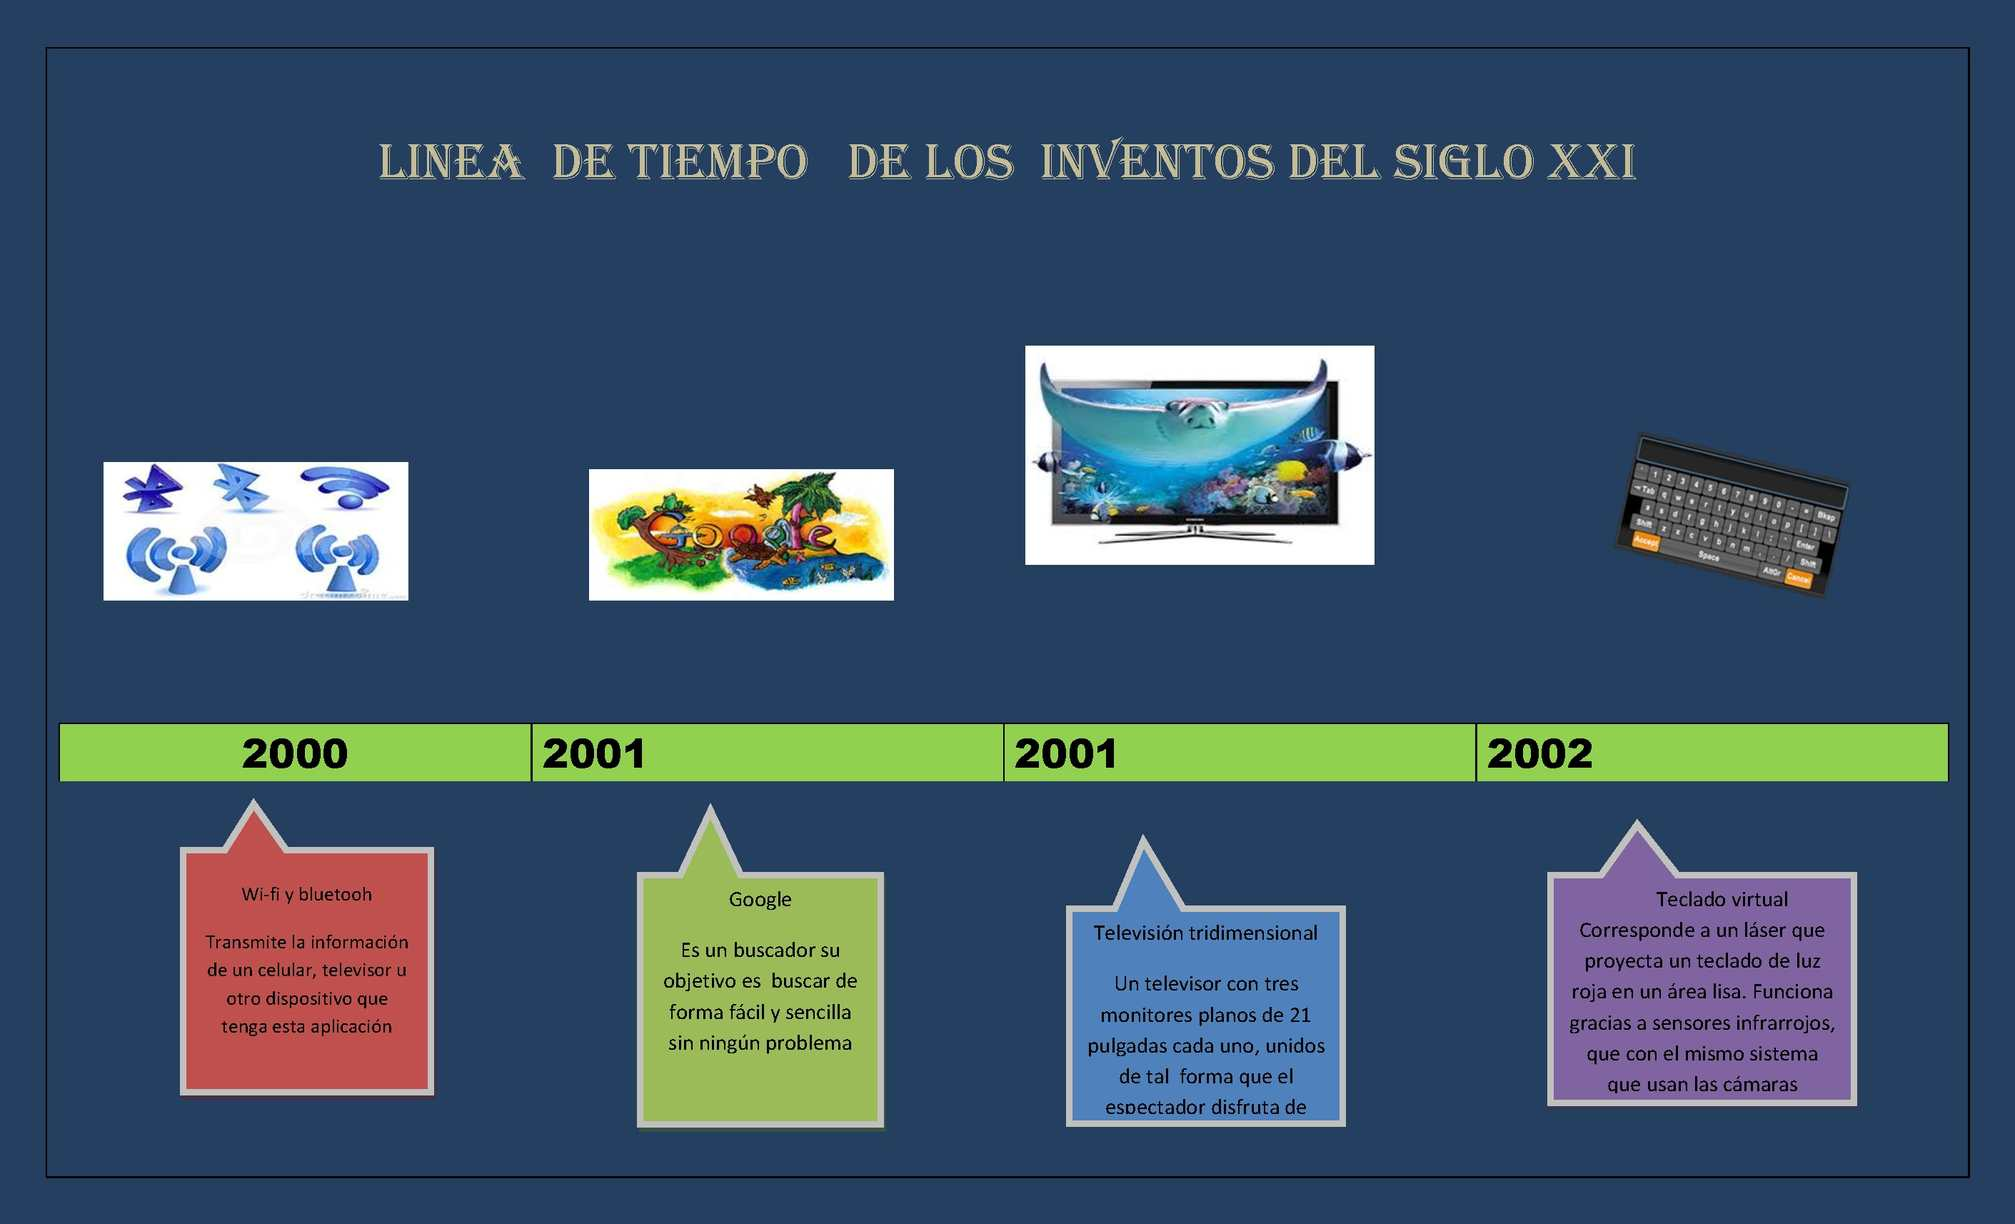 Calaméo Linea De Tiempo De Los Inventos Del Siglo Xix